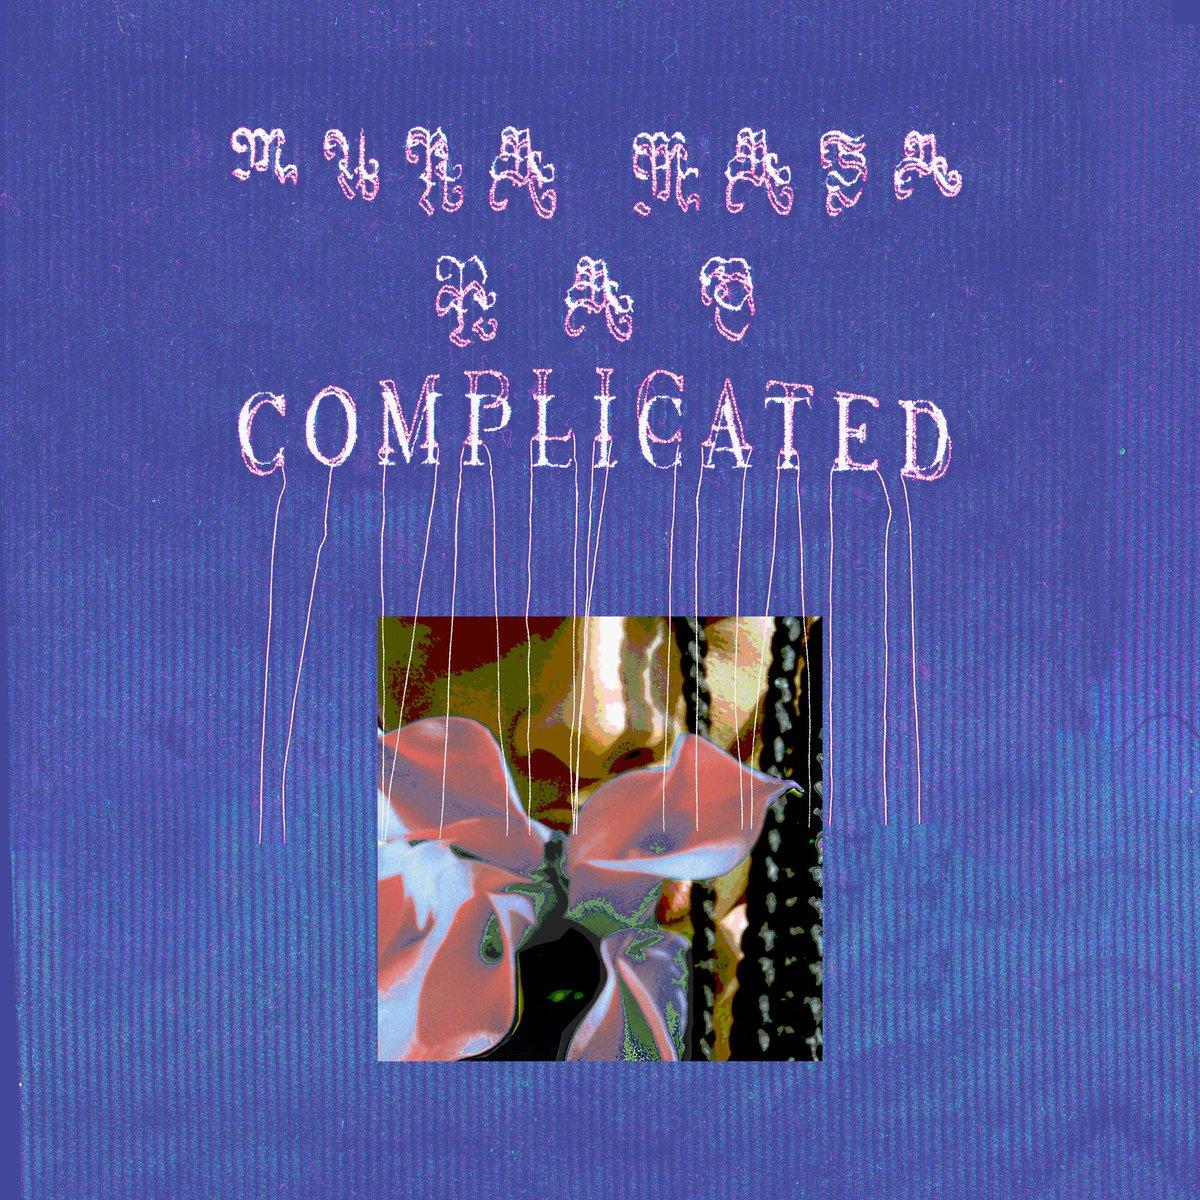 """La canción del día: Mura Masa y Nao te hacen bailar """"sin complicaciones"""" en 'Complicated' – jenesaispop.com"""